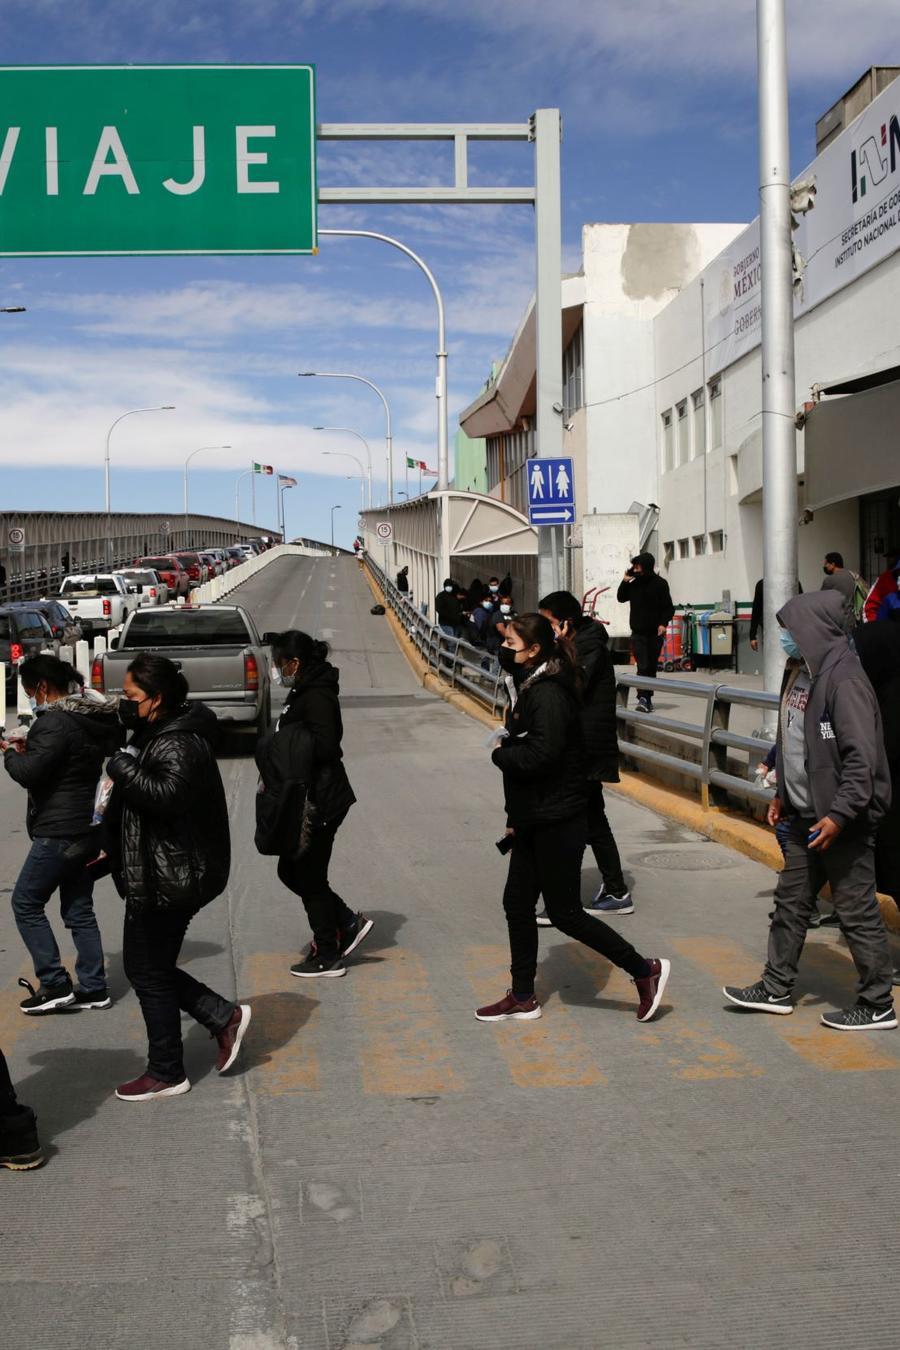 Inmigrantes deportados por la administración Biden cruzan el puente fronterizo Paso del Norte hacia Ciudad Juárez, el 25 de febrero del 2021.